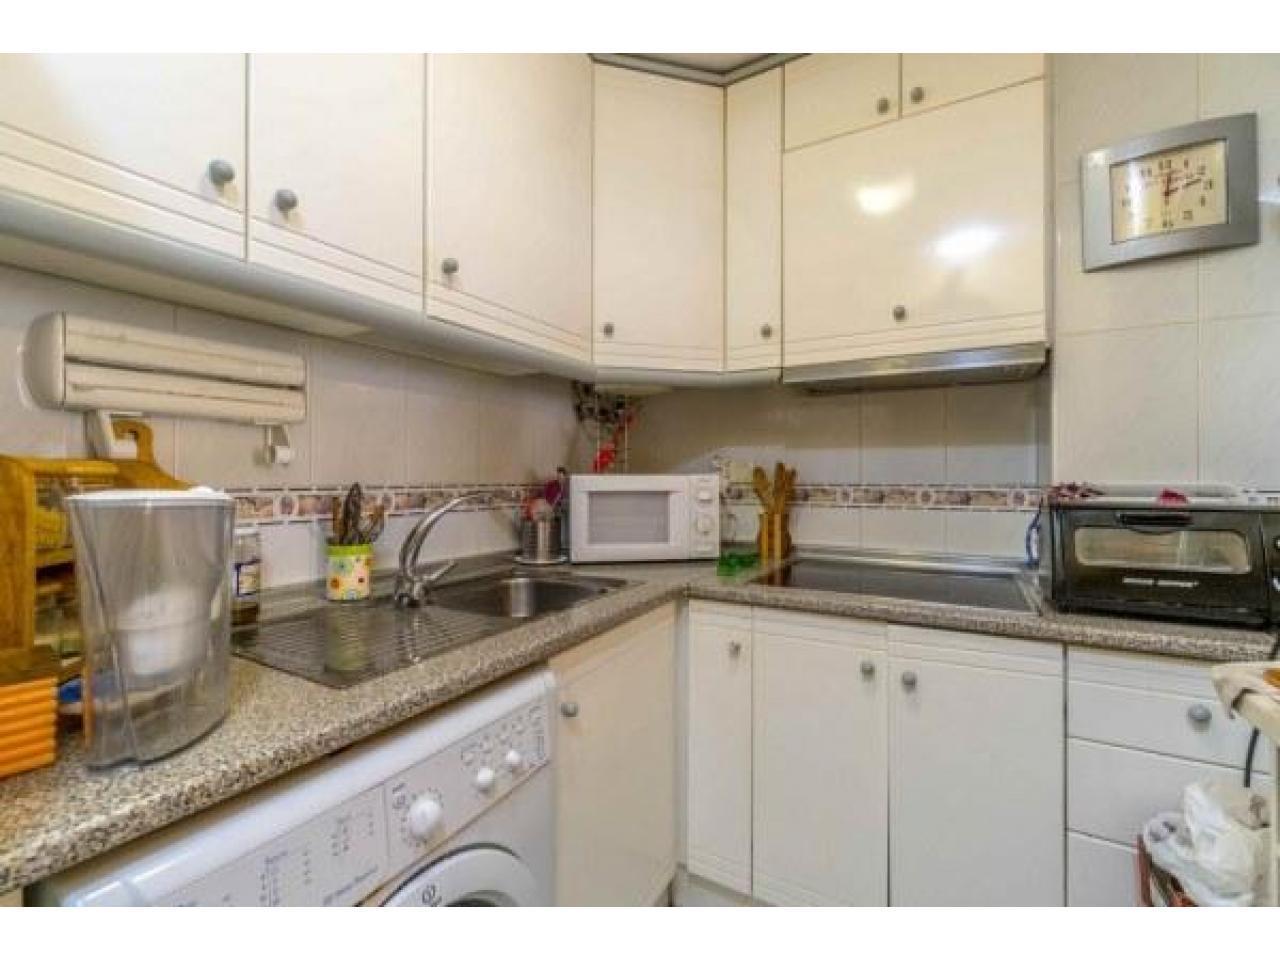 Недвижимость в Испании, Квартира рядом с пляжем в Ла Мата,Торревьеха,Коста Бланка,Испания - 6